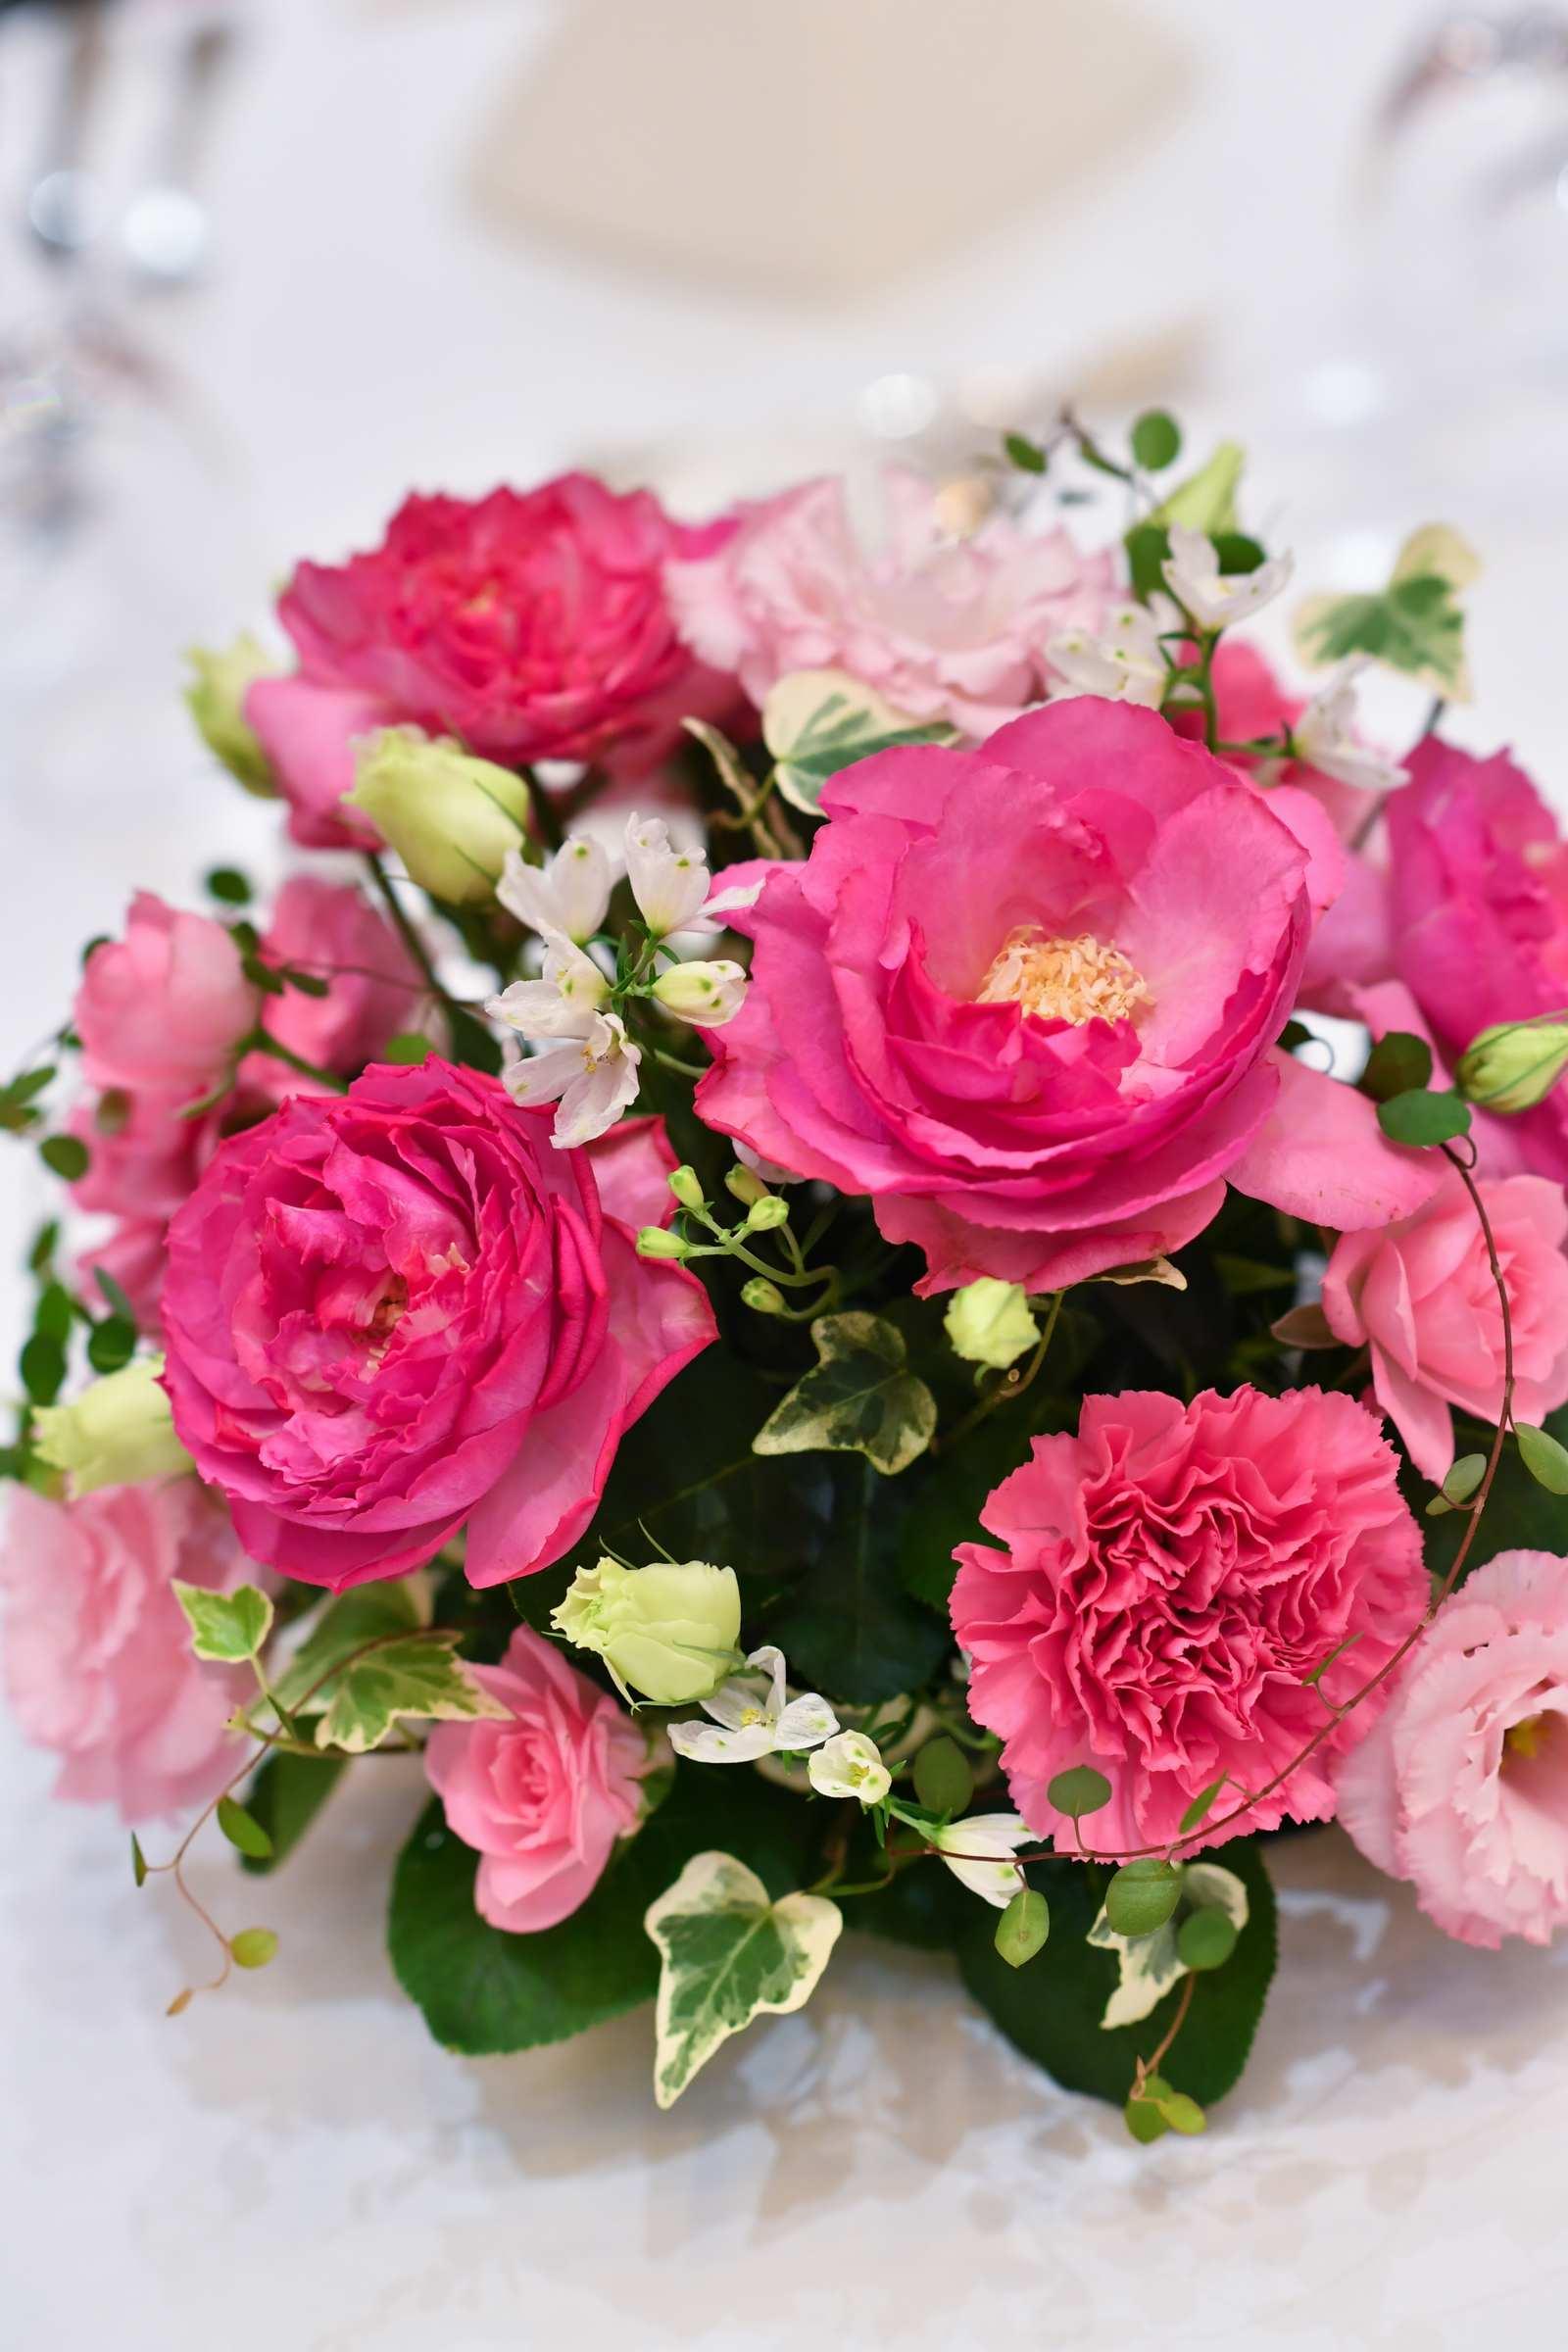 香川県の結婚式場のシェルエメール&アイスタイルの会場装花